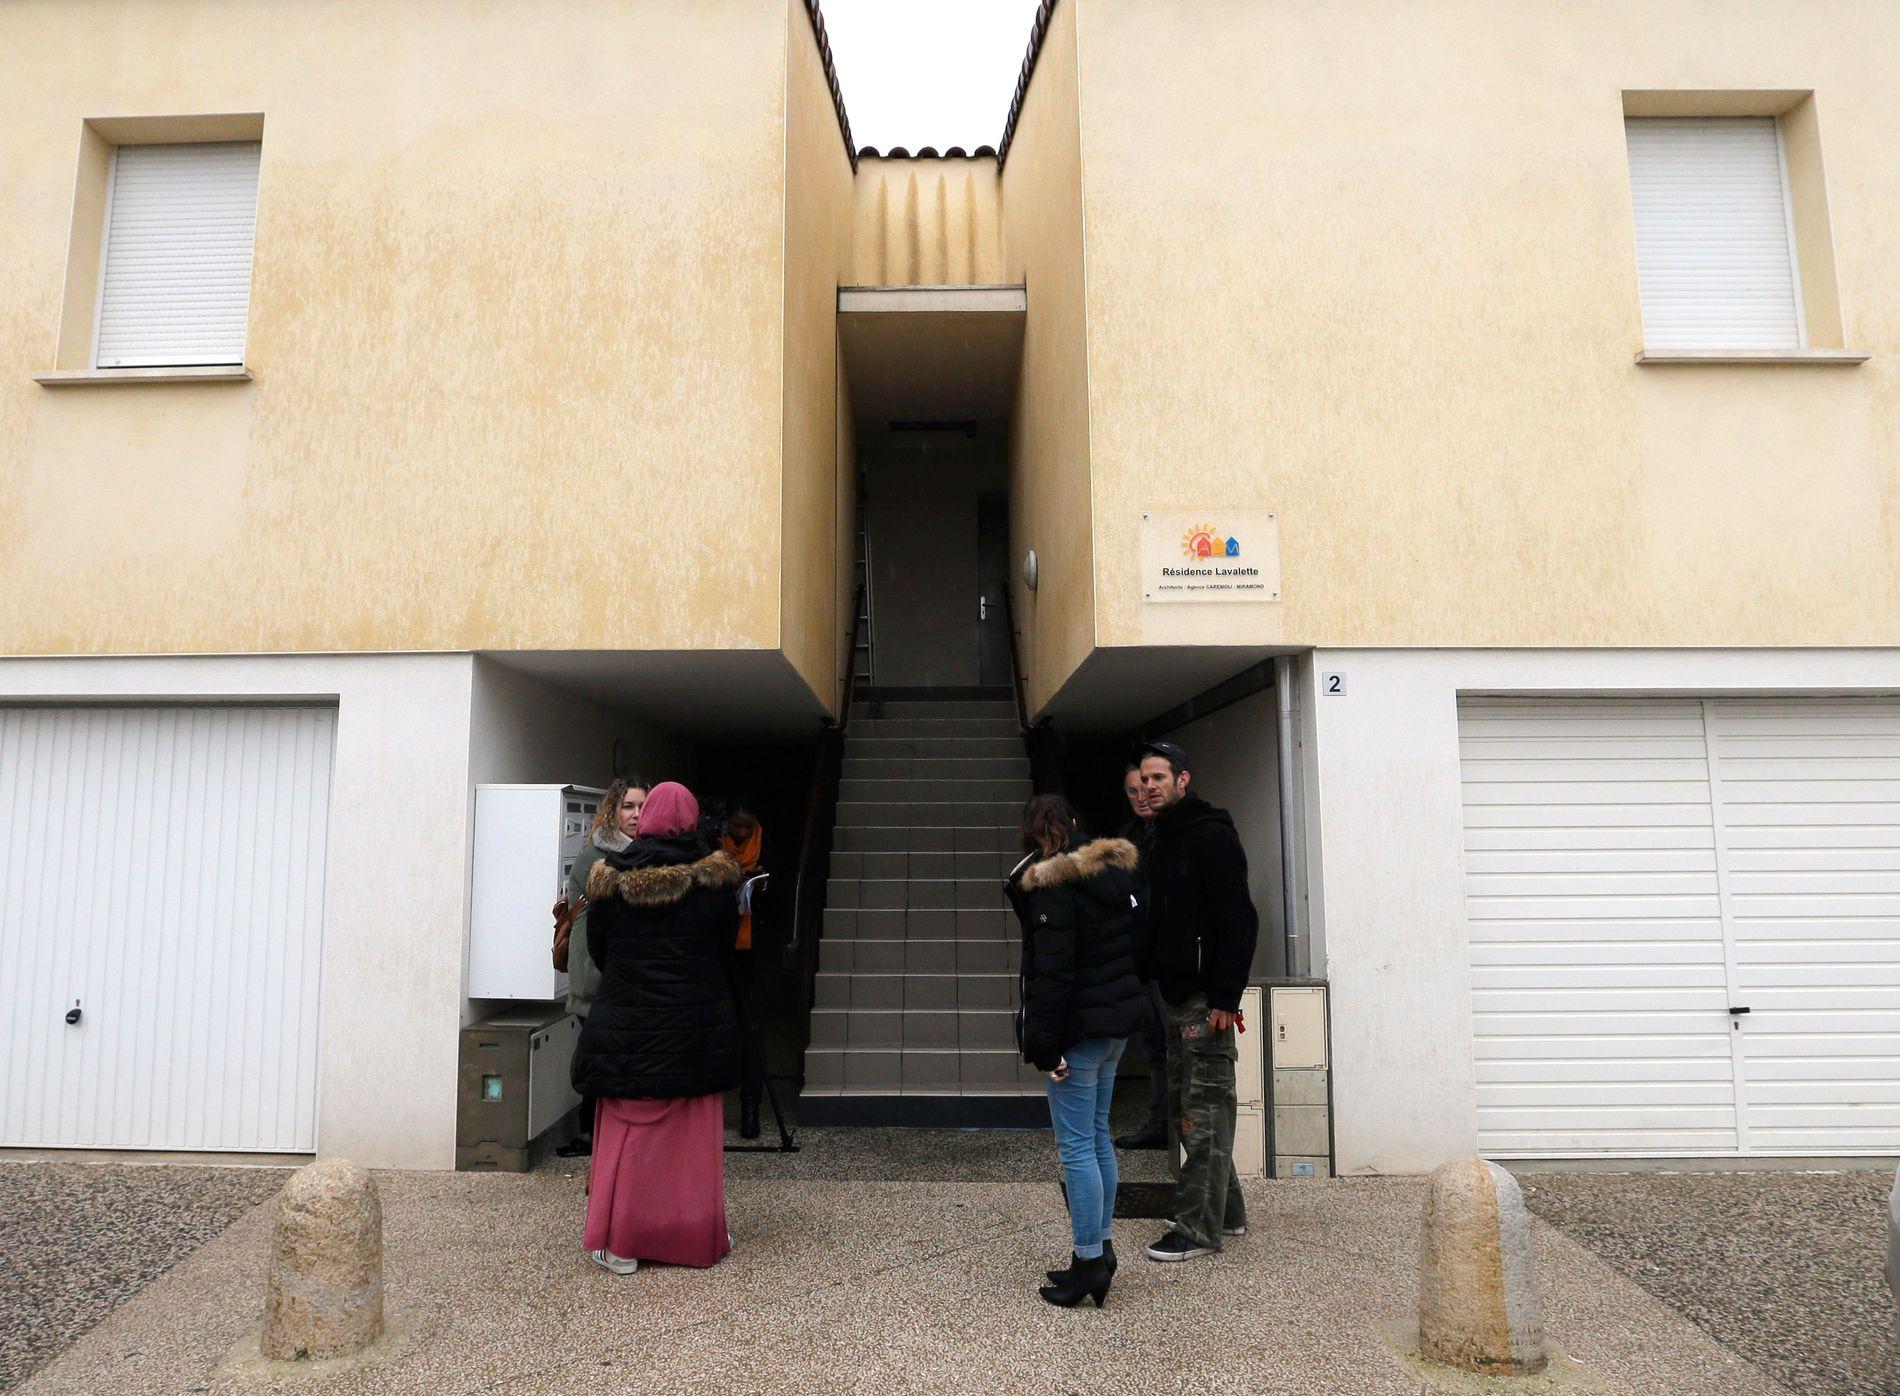 ARRESTERT: Folk står foran inngangen til en leilighet i en bygning i Clapiers i Sør-Frankrike hvor personer mistenkt for å ha planlagt et terrorangrep ble arrestert av fransk antiterror politi fredag morgen.